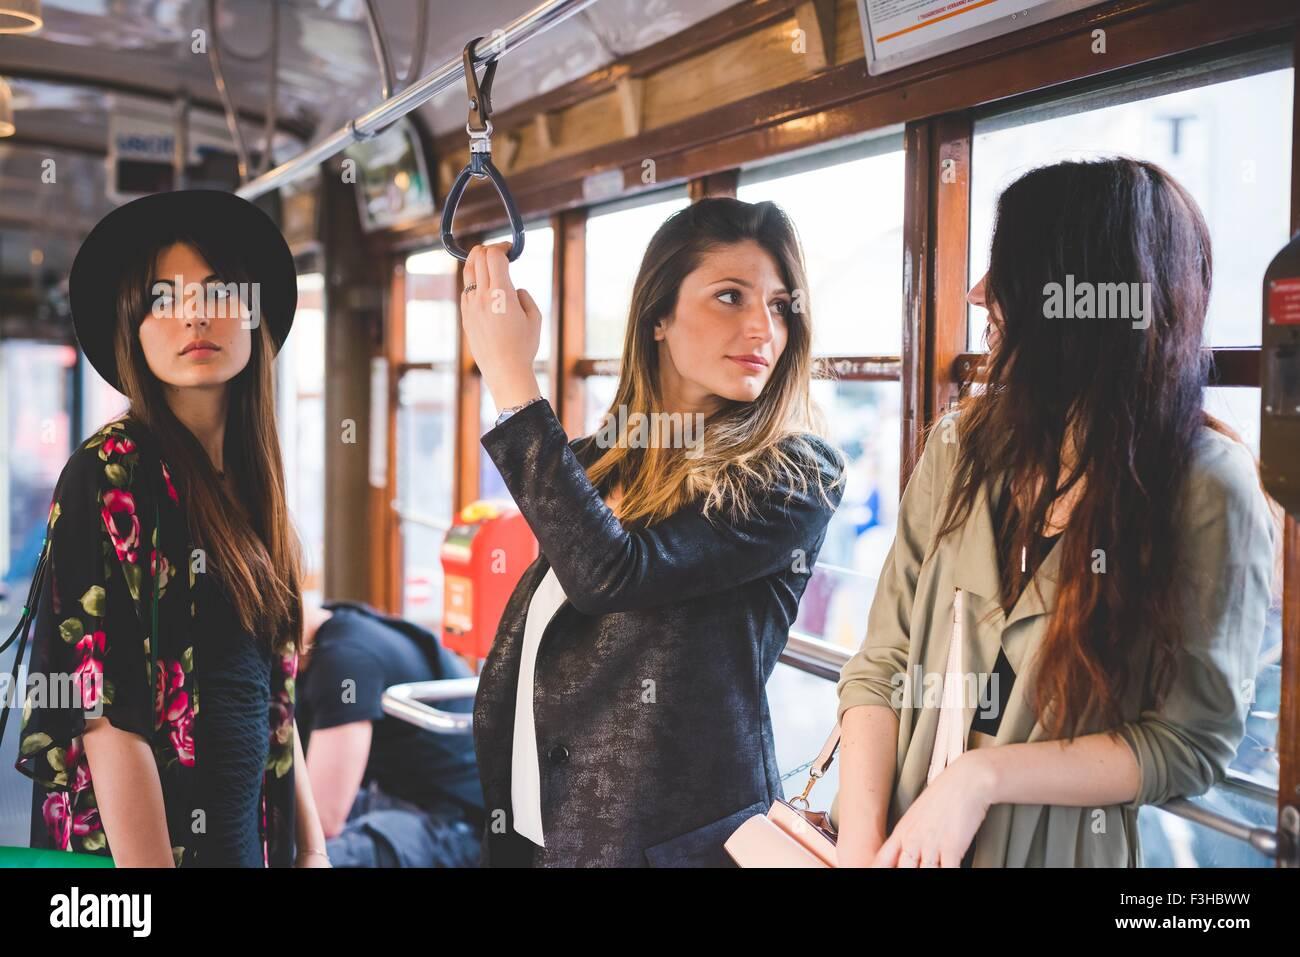 Trois jeunes femmes qui voyagent sur le tram de la ville Photo Stock